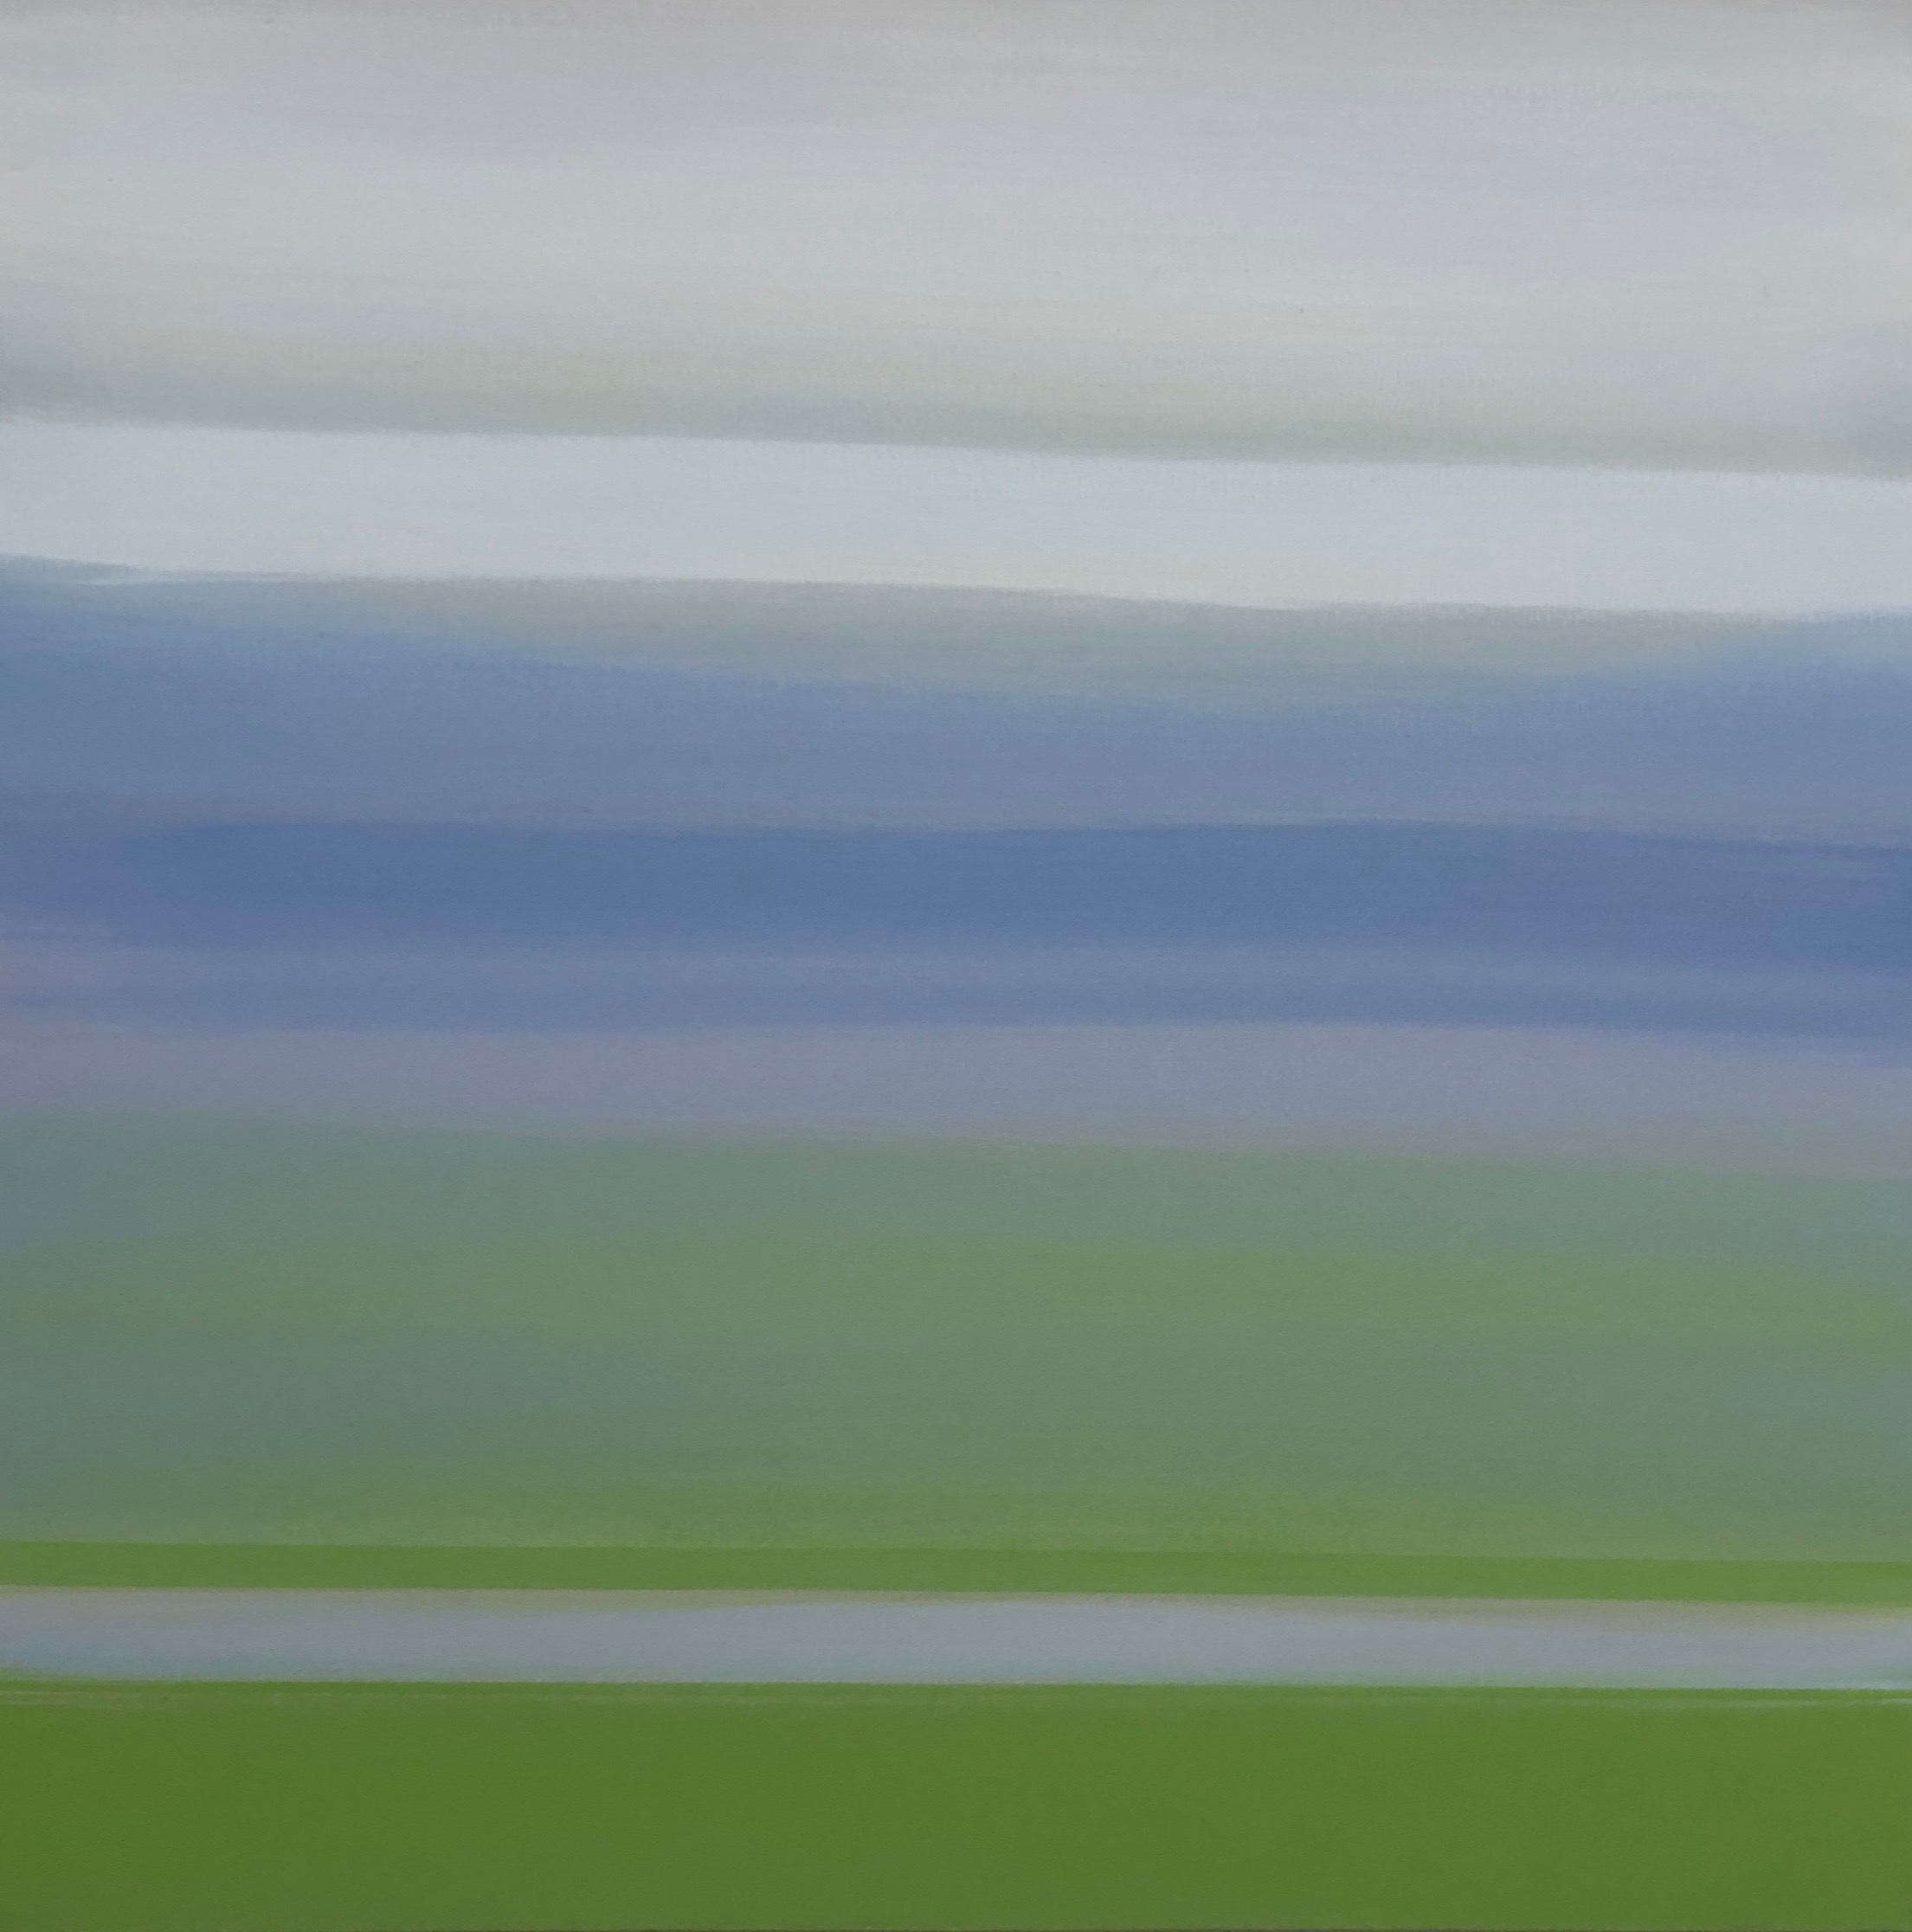 Skagit III, Mixed Media on Canvas, 30 x 30